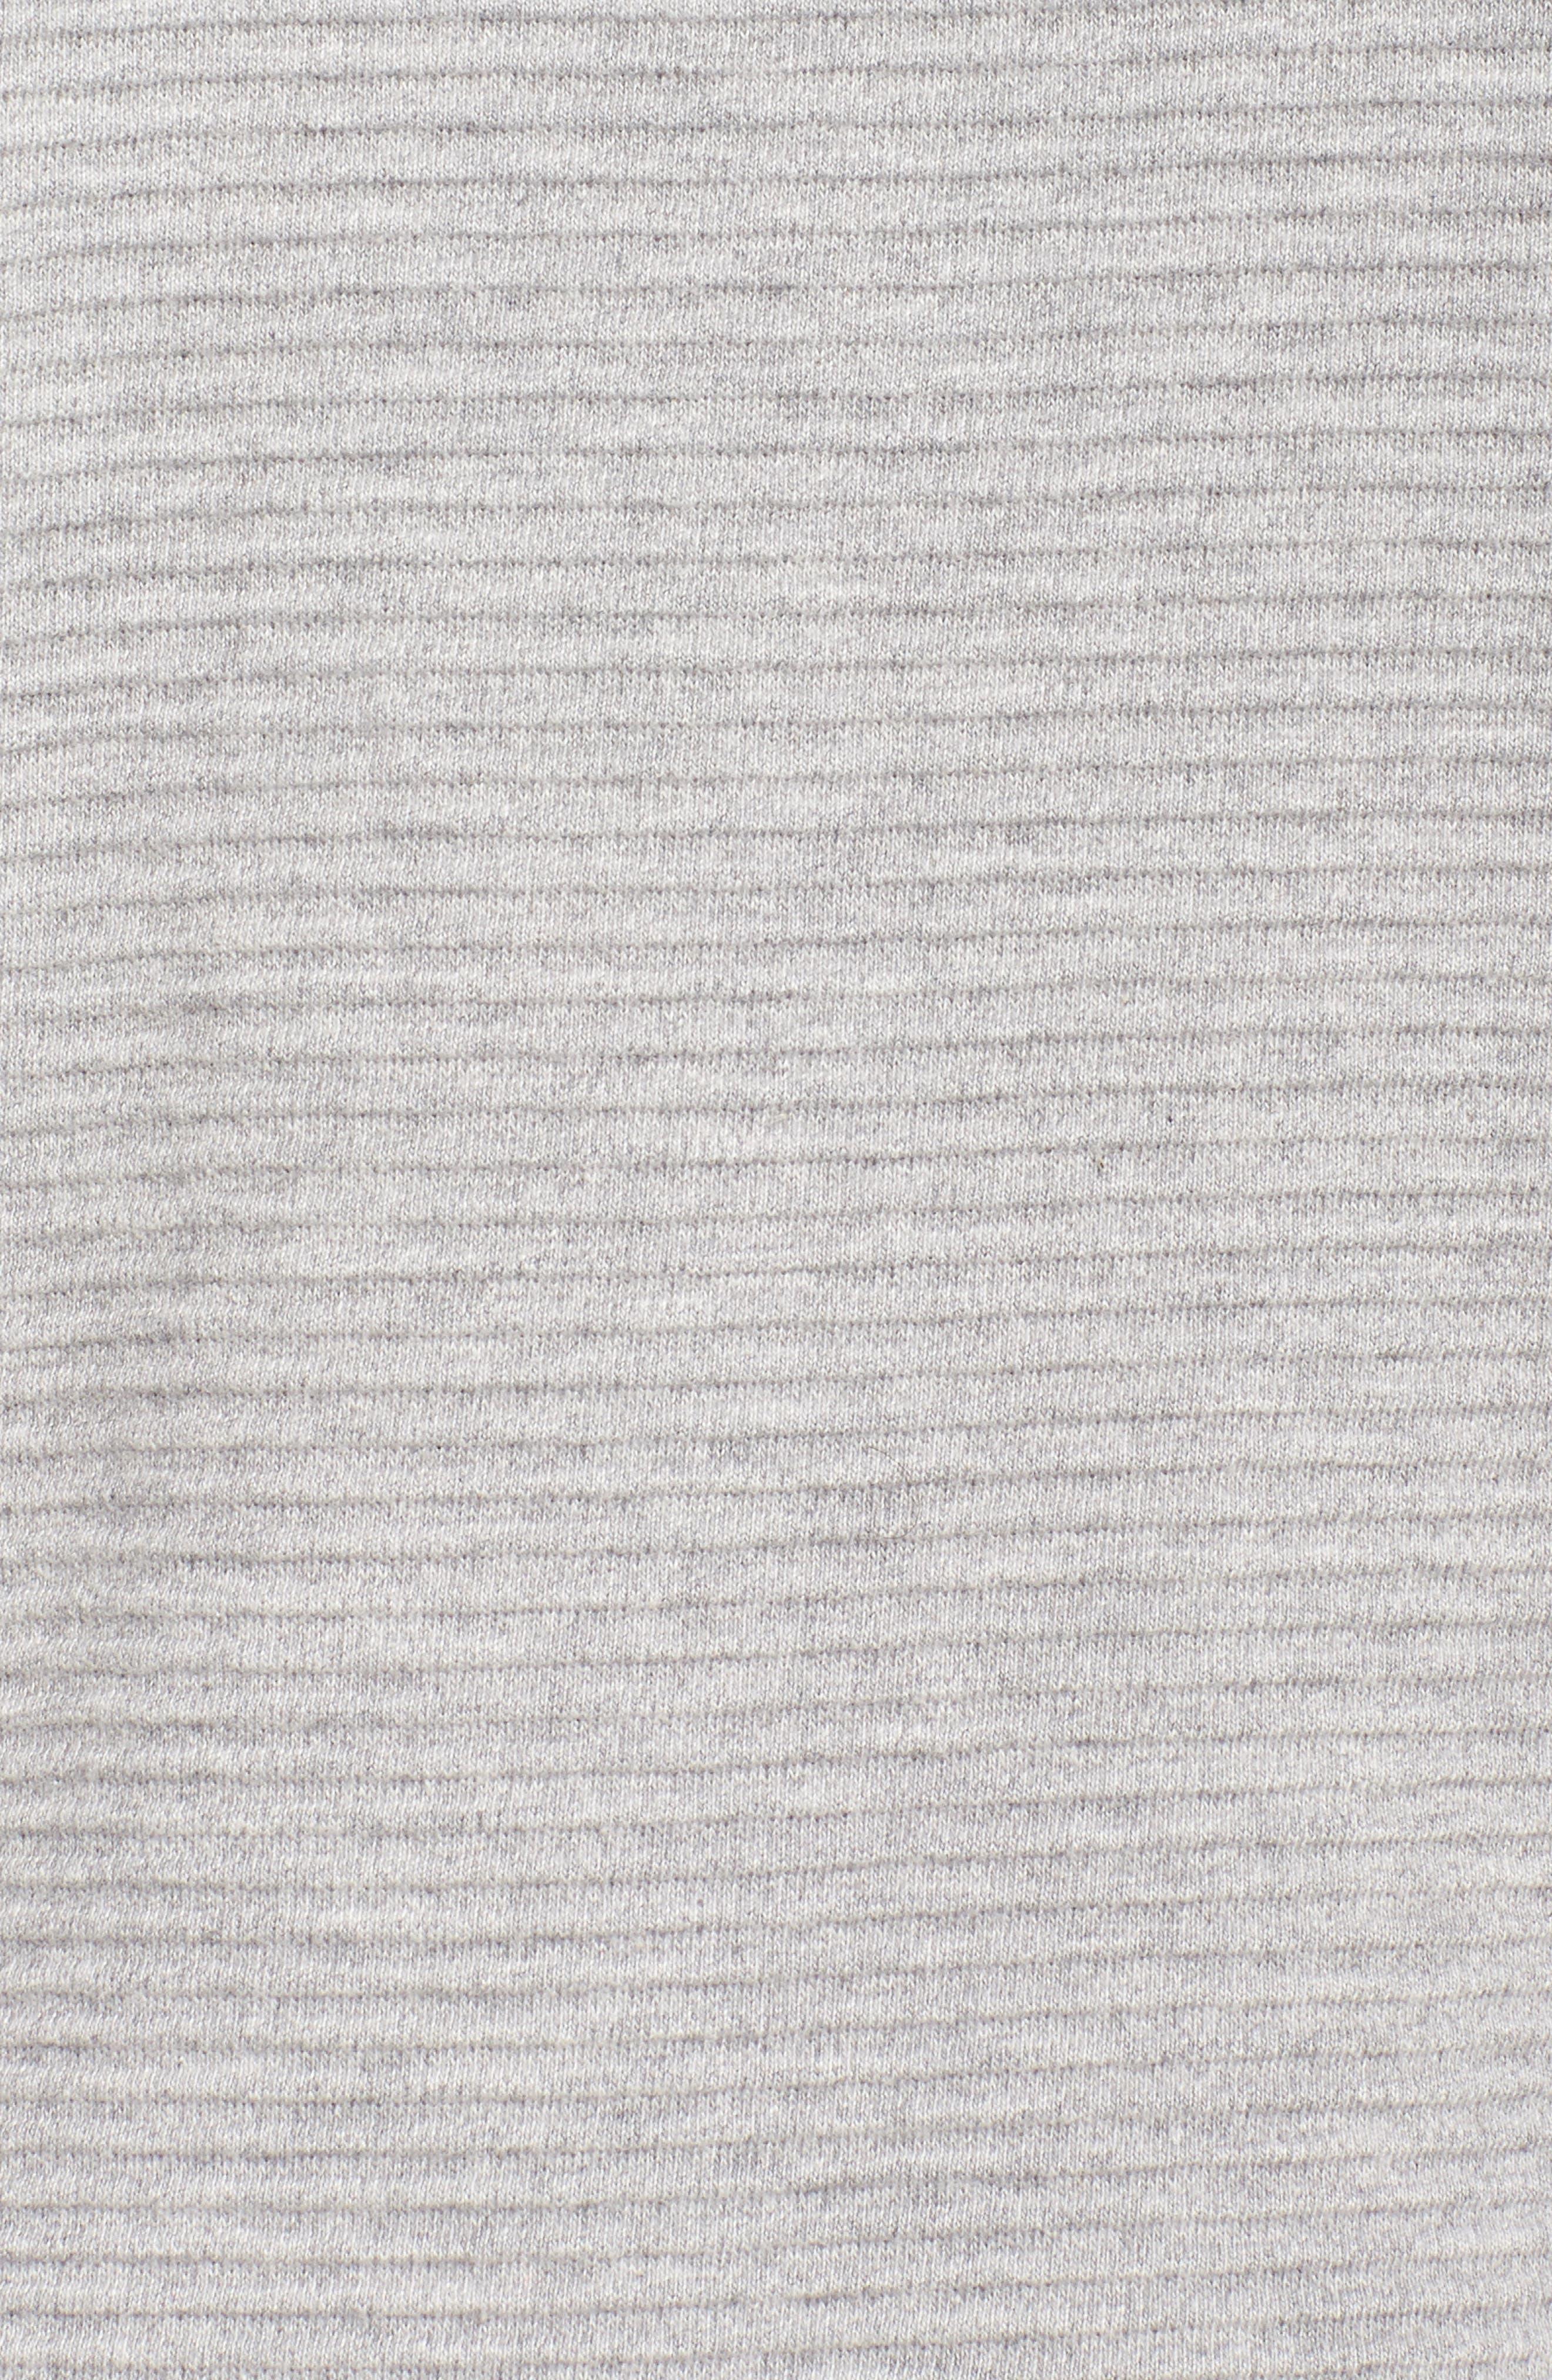 Originals EQT Sweatshirt,                             Alternate thumbnail 6, color,